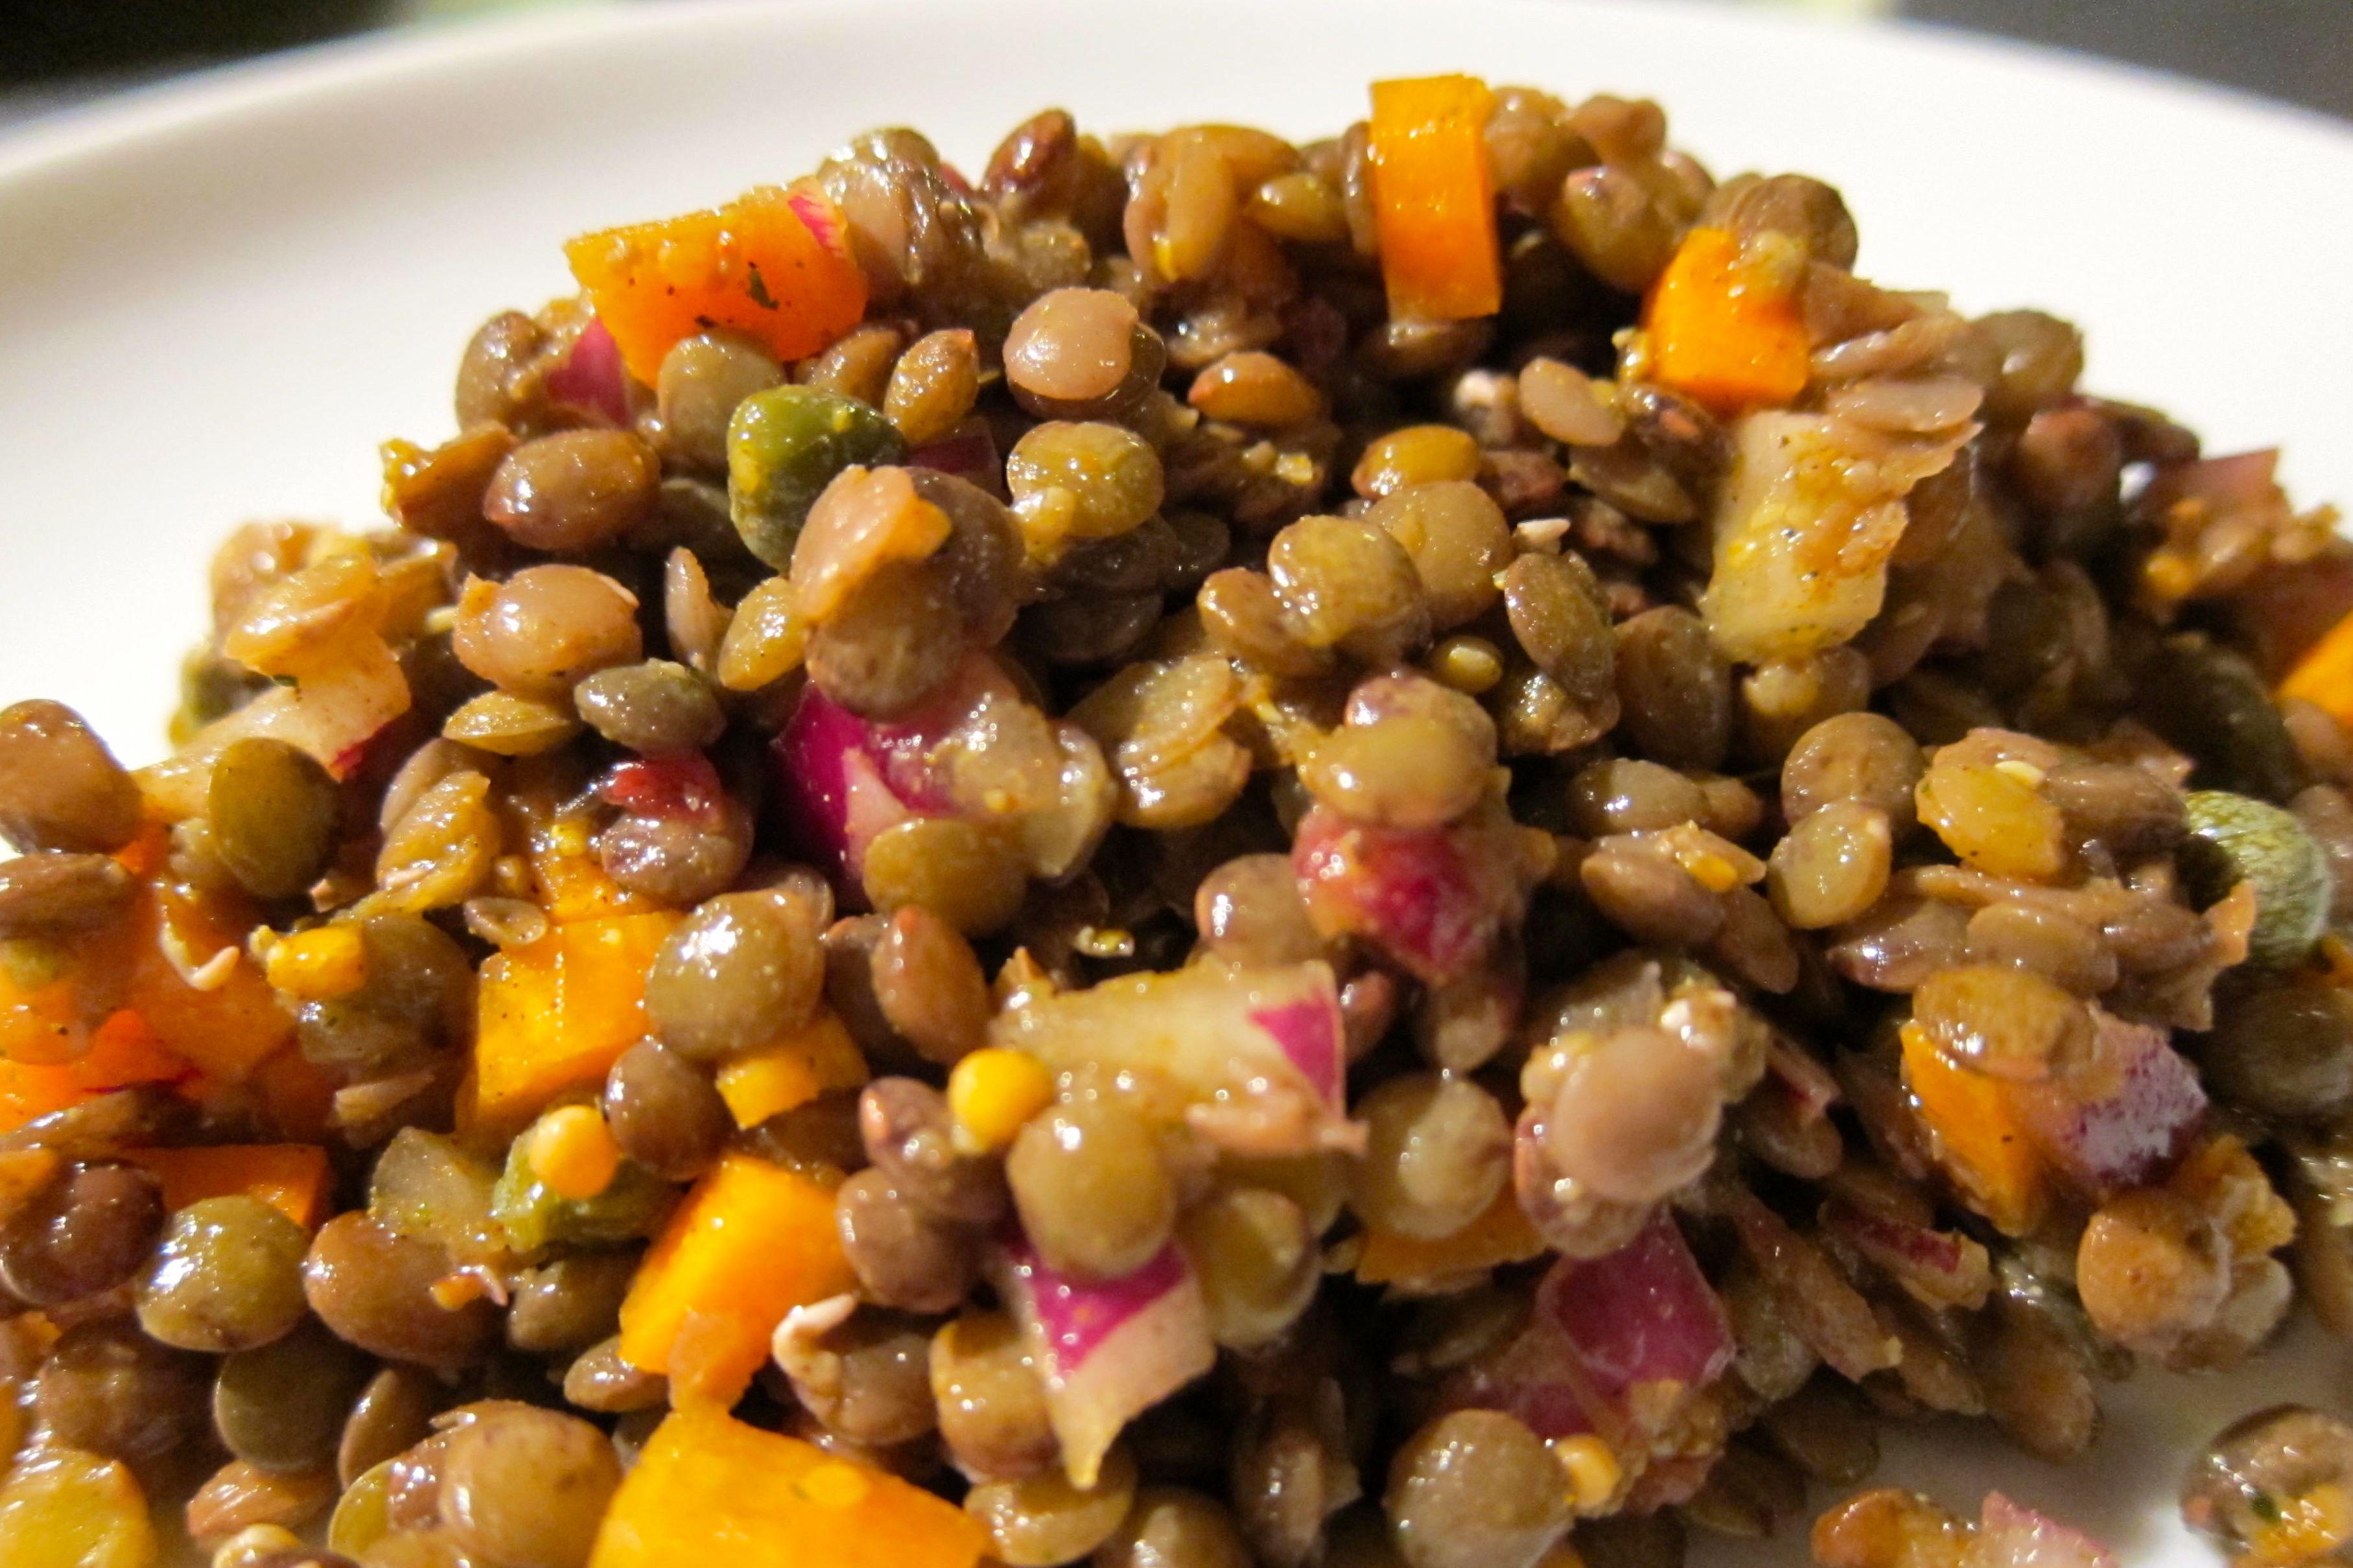 Spiced lentil salad